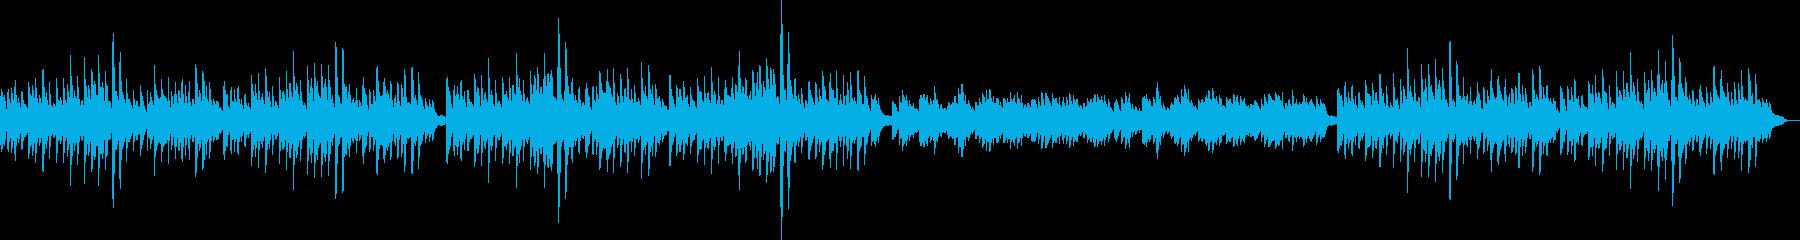 静かで可愛らしい音色のリラクゼーションの再生済みの波形